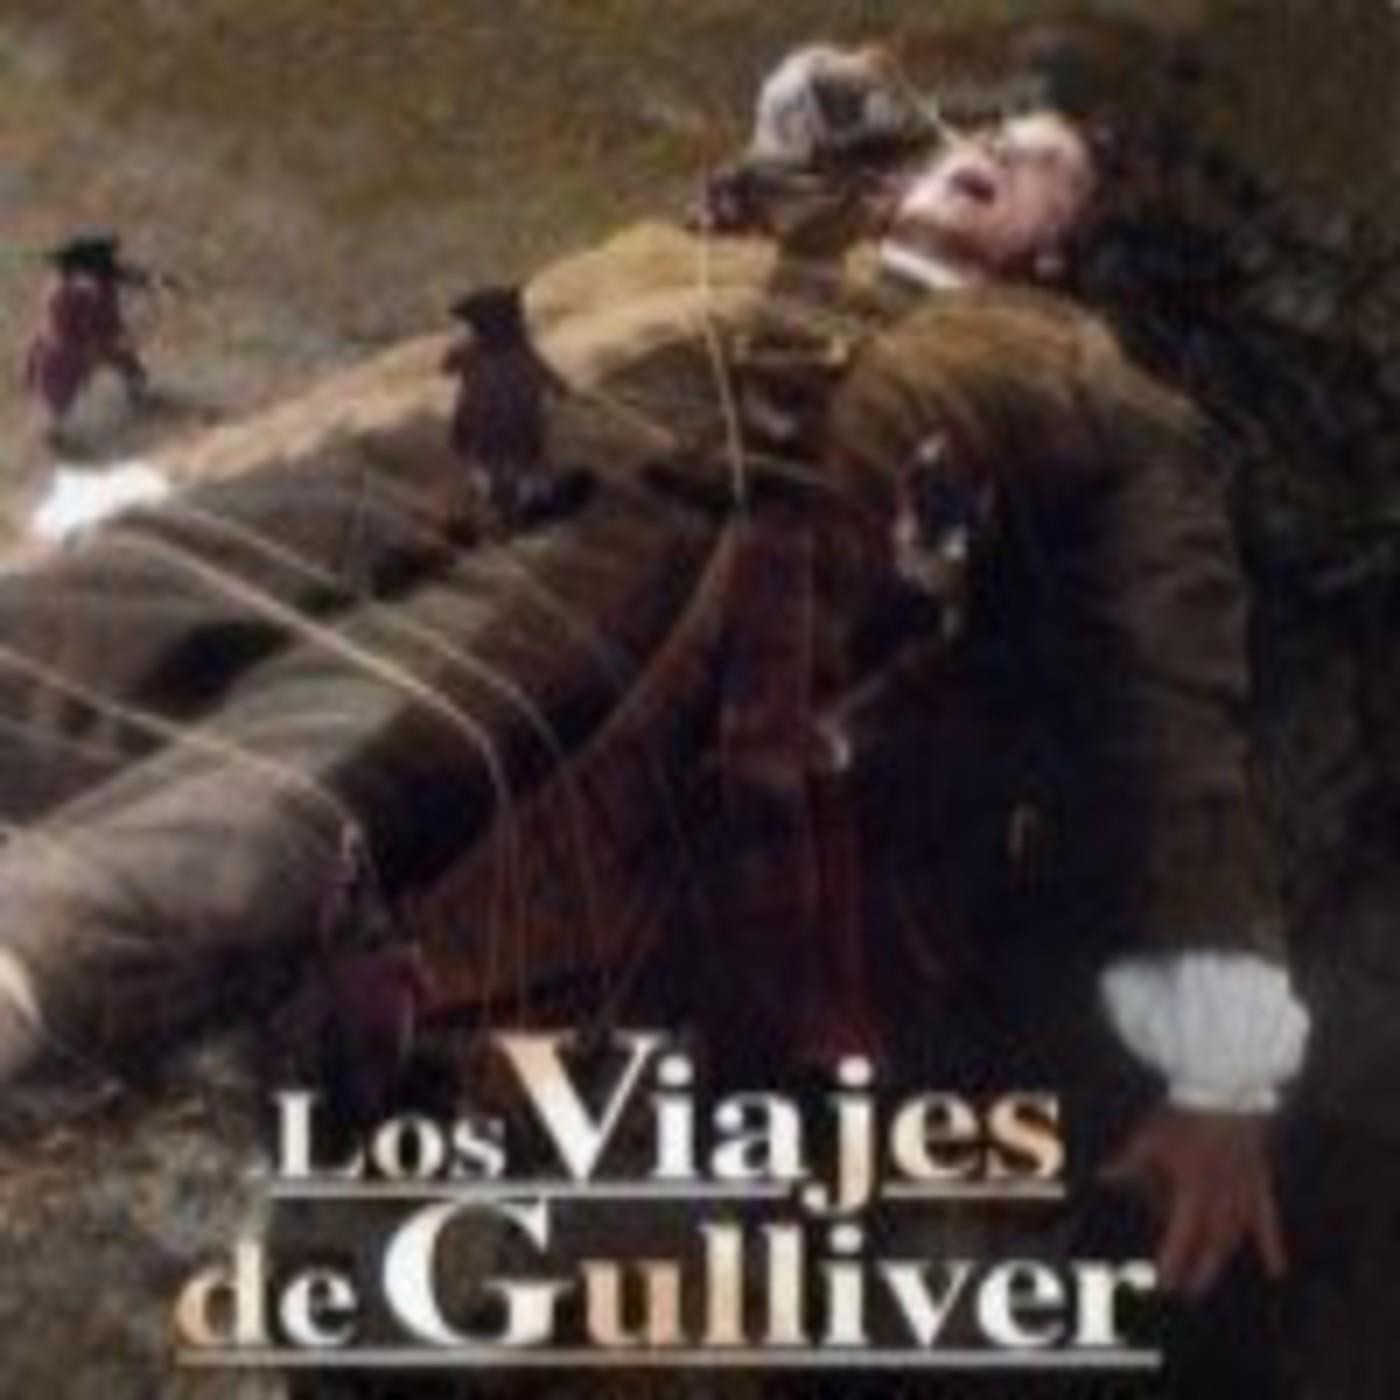 Los Viajes De Gulliver 1996 Miniserie Completa En Cine Para Ciegos En Mp3 24 04 A Las 12 27 52 02 58 21 1979324 Ivoox